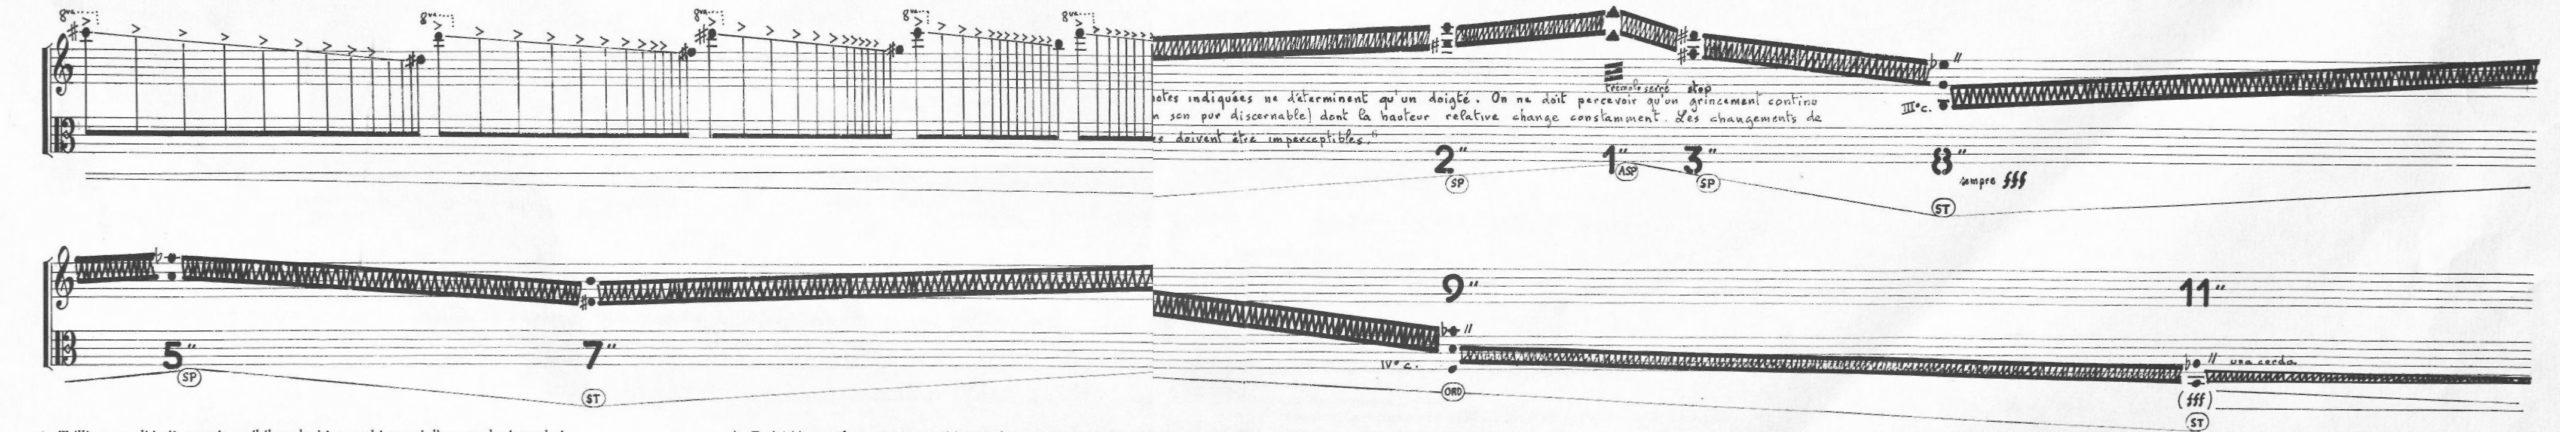 Jakubowski, Example 18